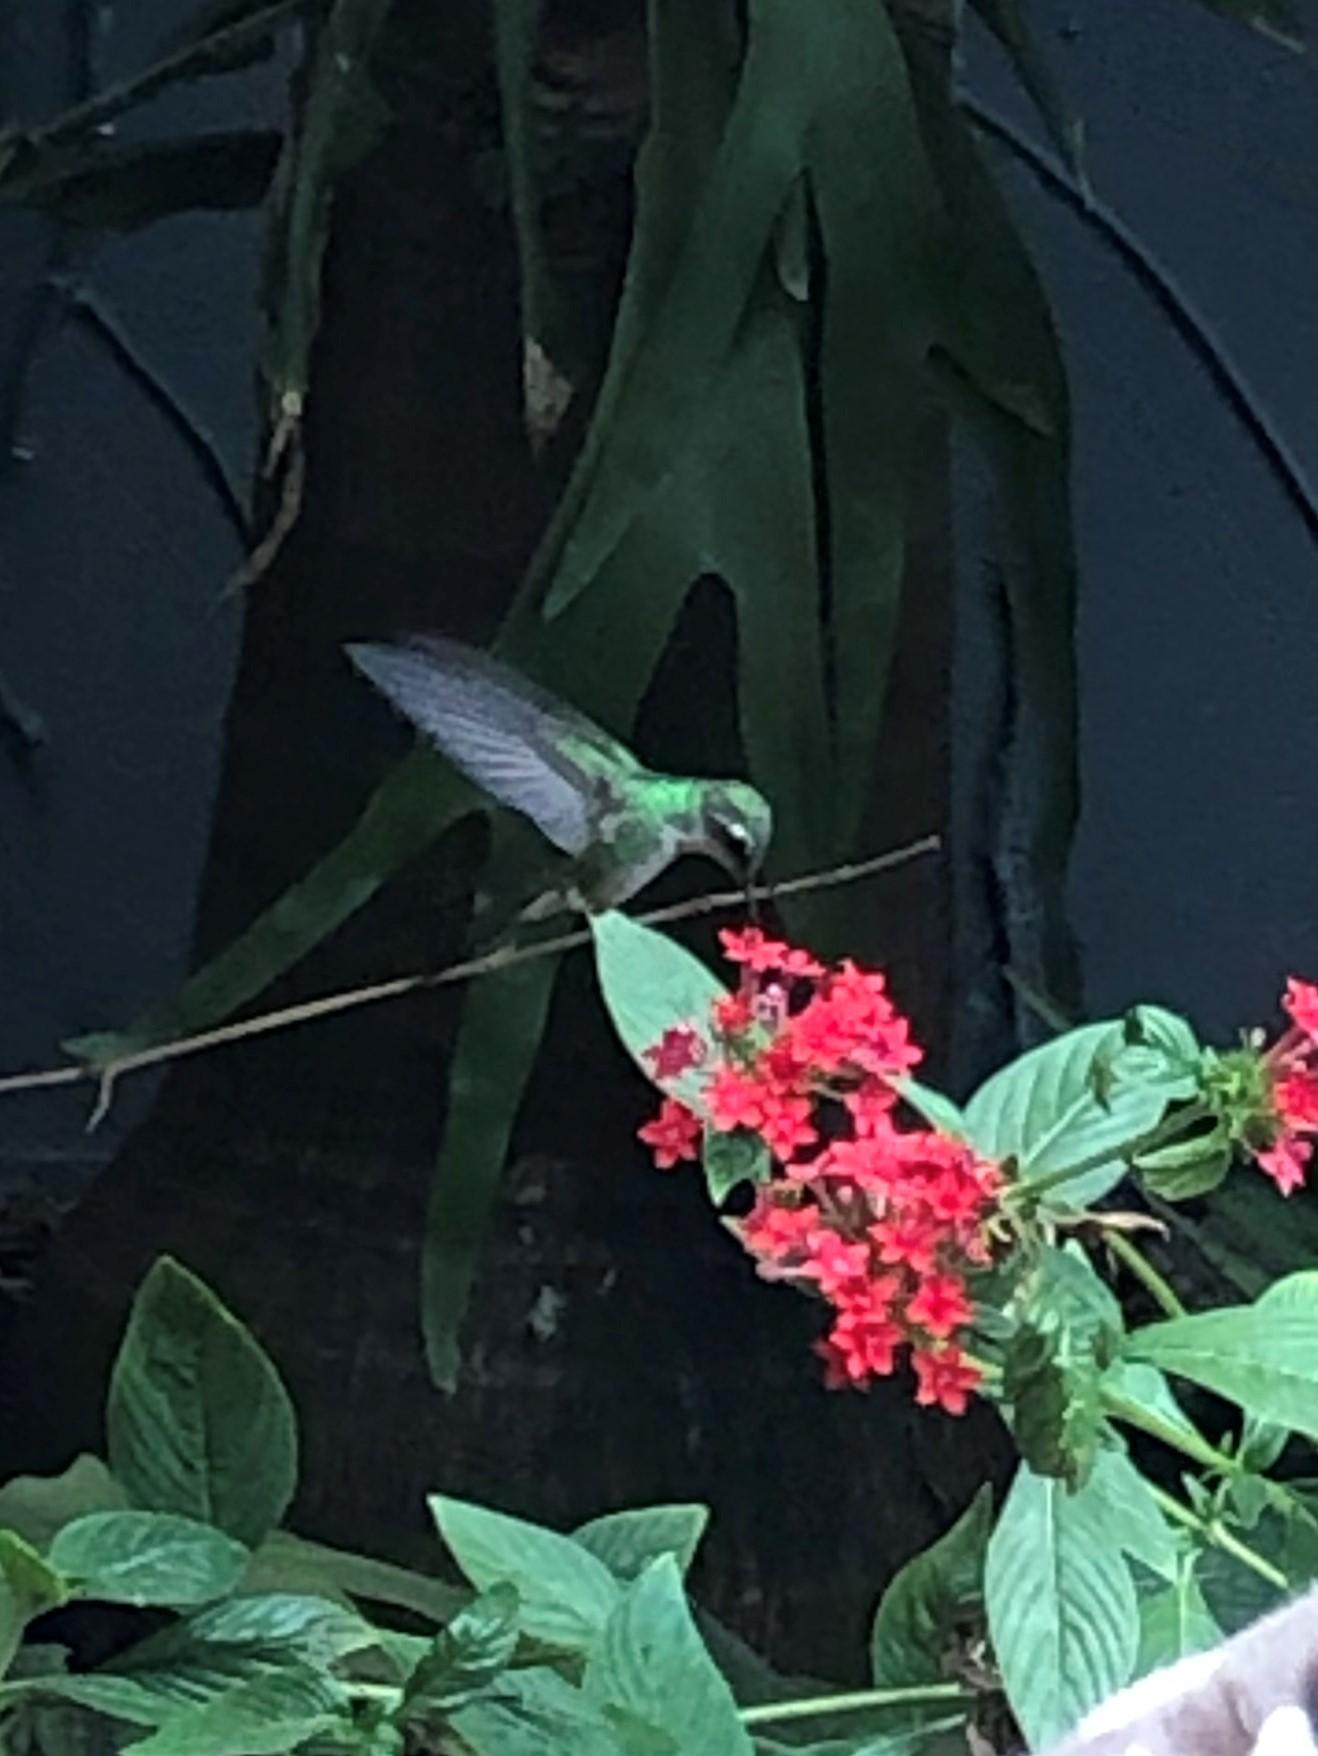 Mein Bild der Woche - Kolibri auf Kuba 2